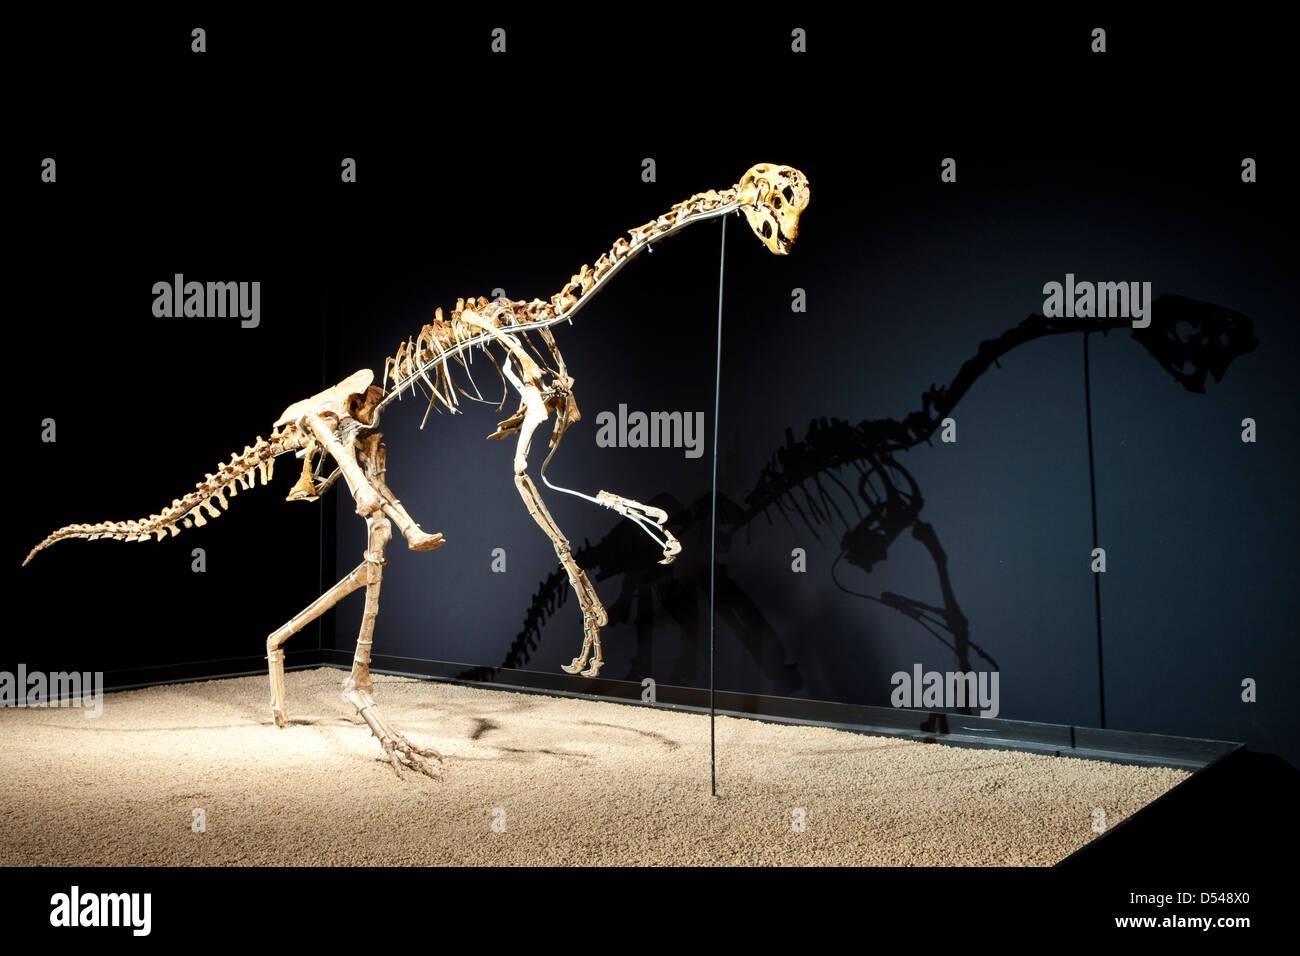 Oviraptor, Exposition of Dinosaurs from Gobi desert in Mongolia. Cosmocaixa museum, Barcelona, Spain Stock Photo